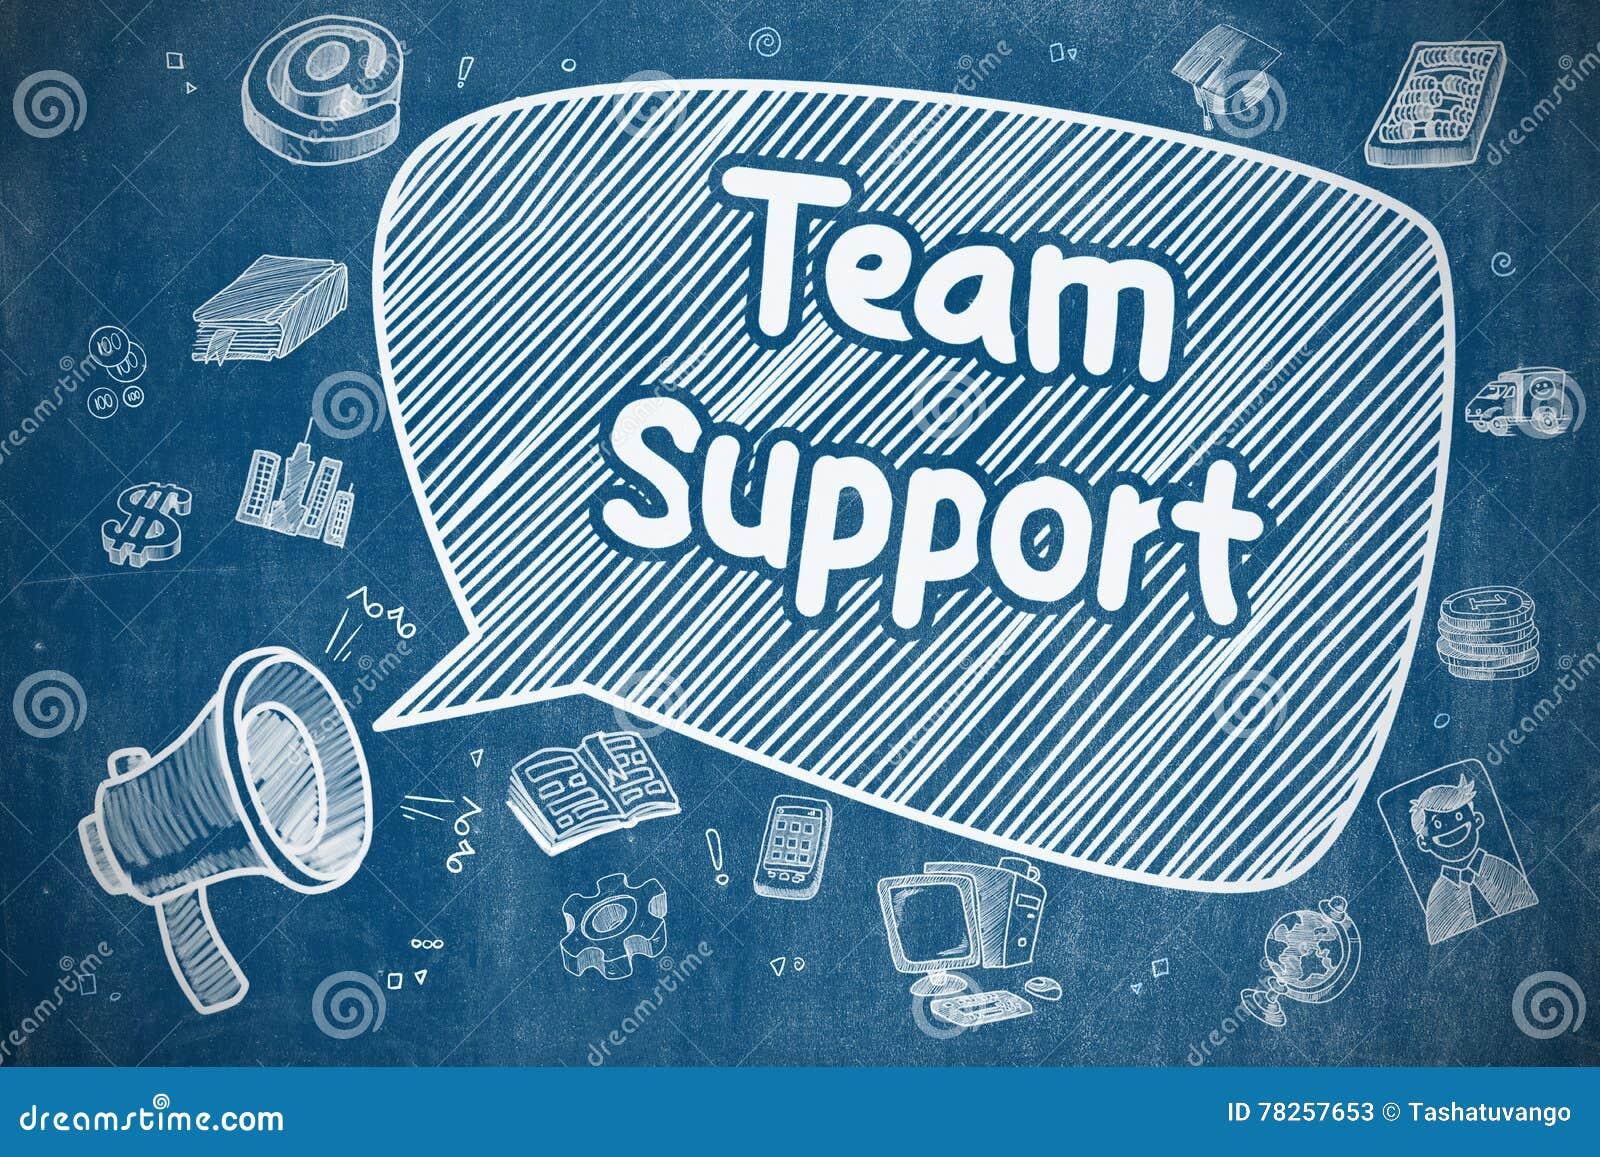 Υποστήριξη ομάδας - απεικόνιση κινούμενων σχεδίων στον μπλε πίνακα κιμωλίας